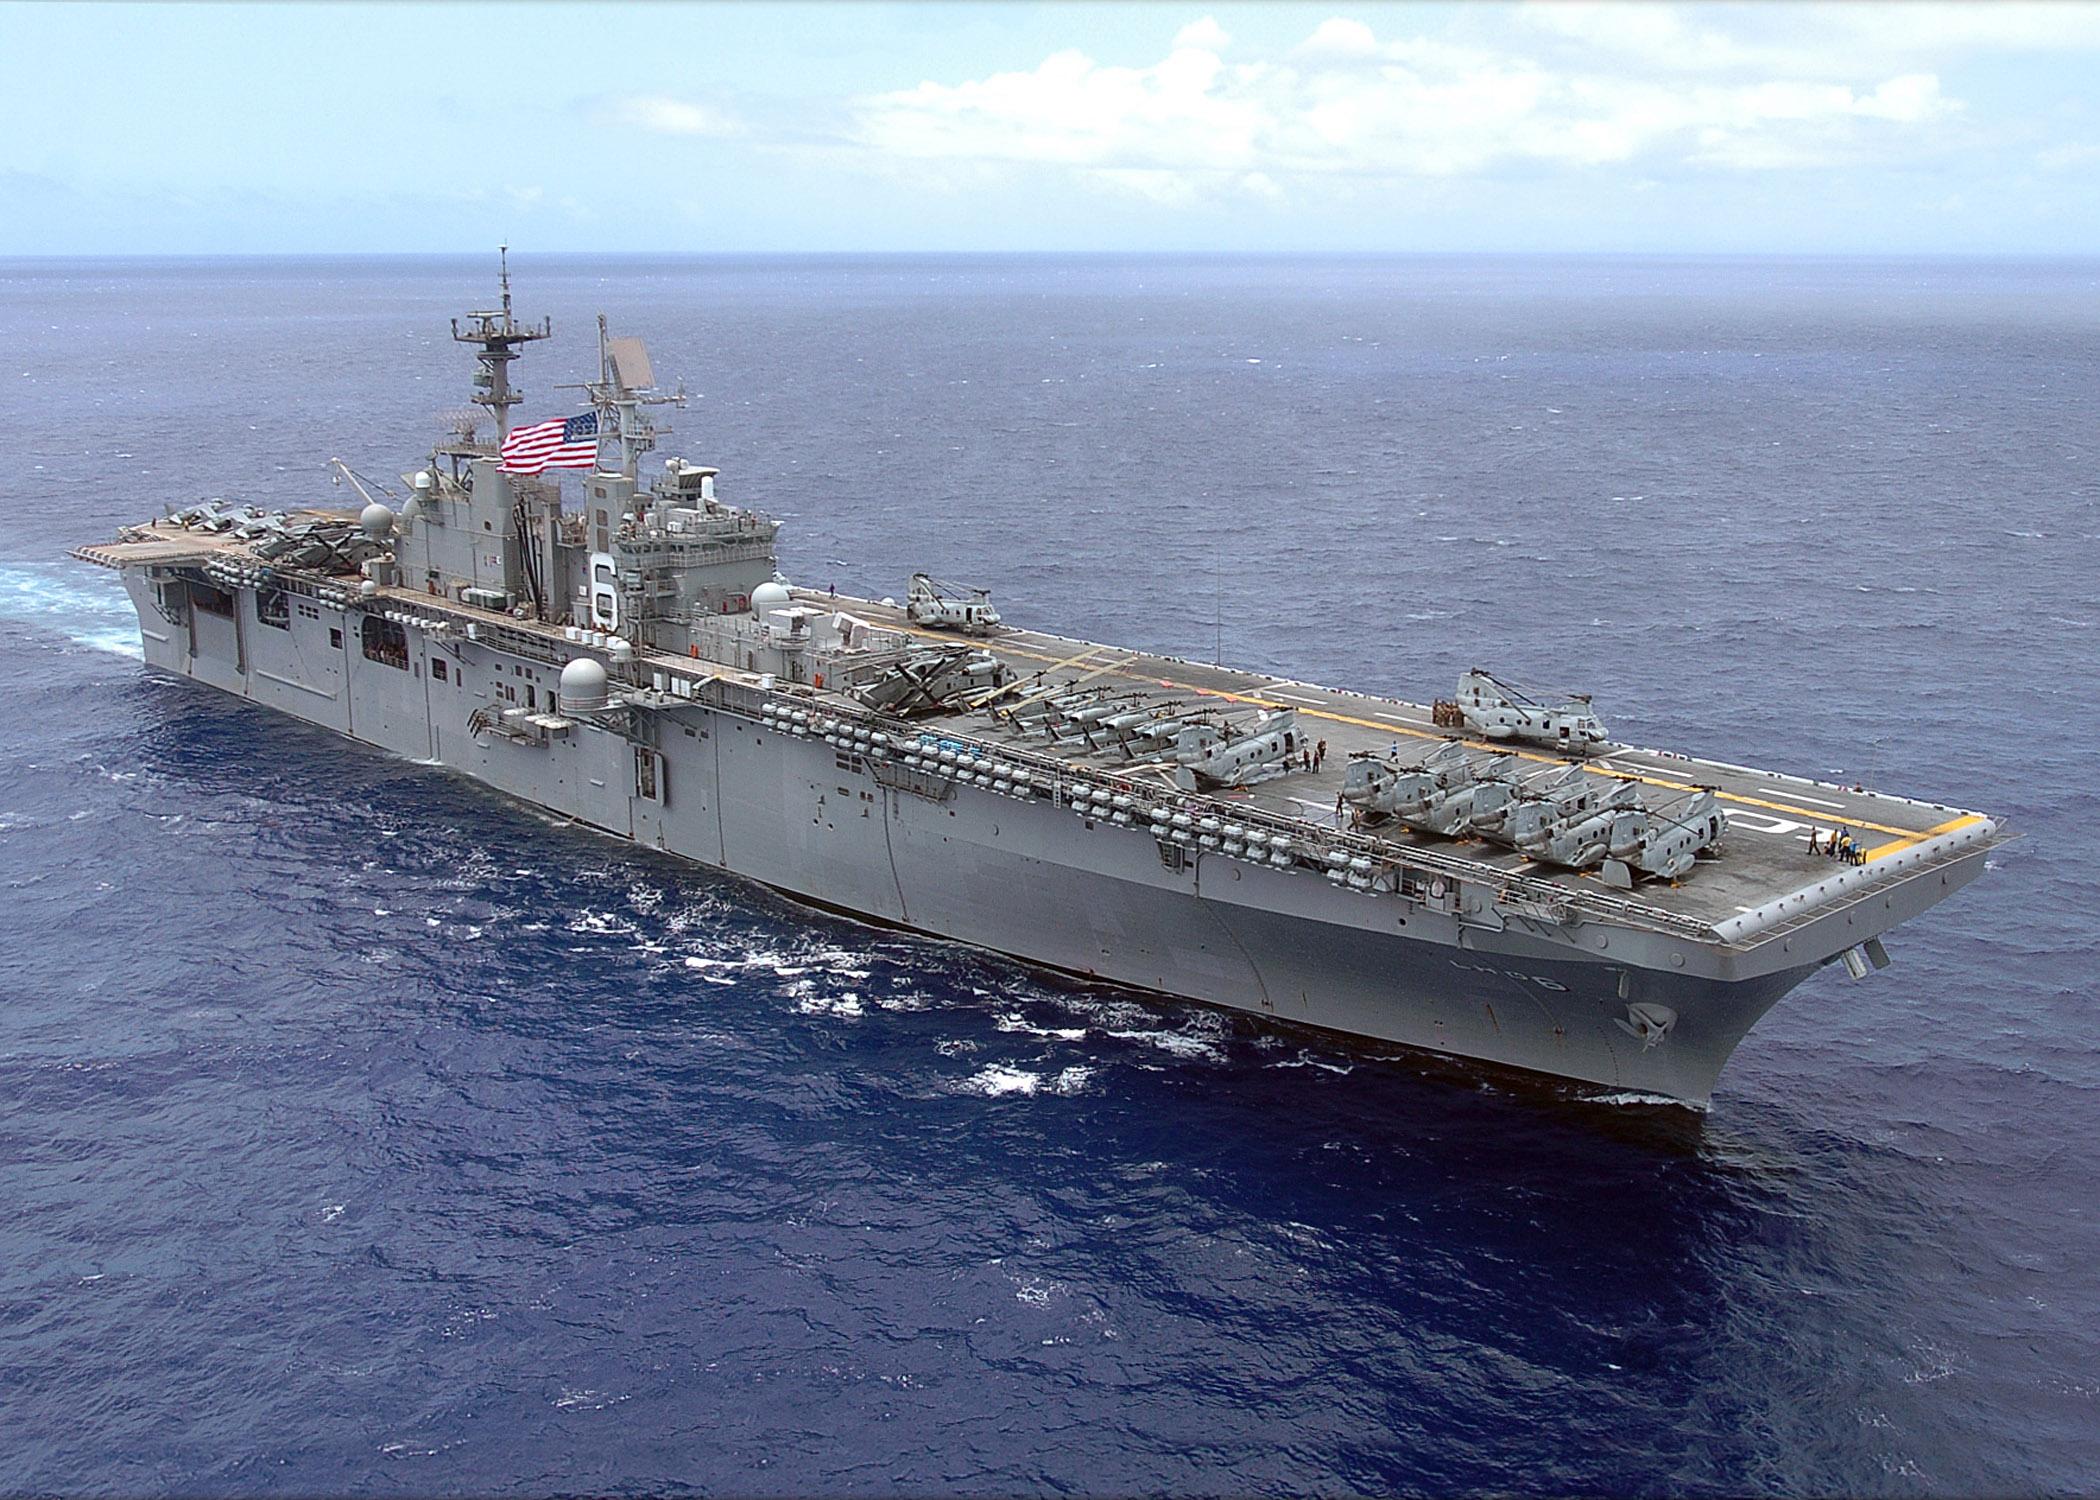 USS BONHOMME RICHARD LHD-6 Bild: U.S. Navy